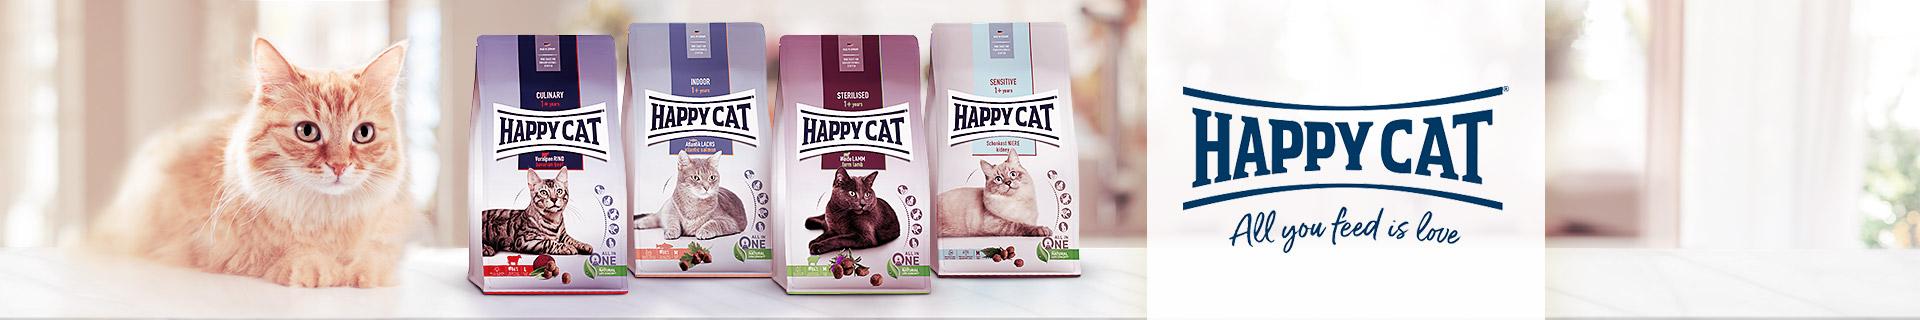 HappyCat Trockenfutter